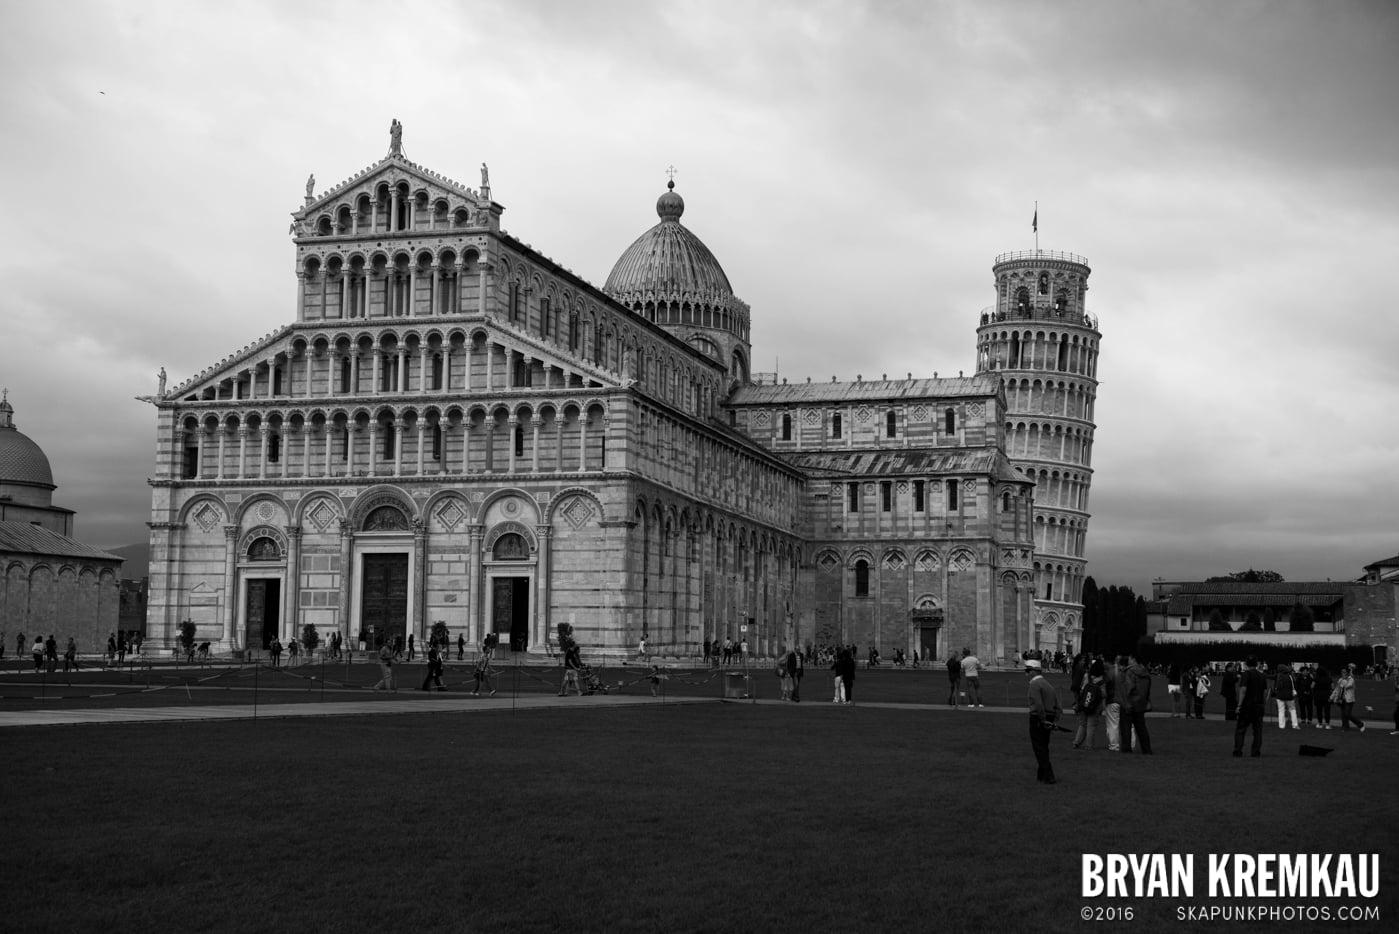 Italy Vacation - Day 8: Siena, San Gimignano, Chianti, Pisa - 9.16.13 (38)